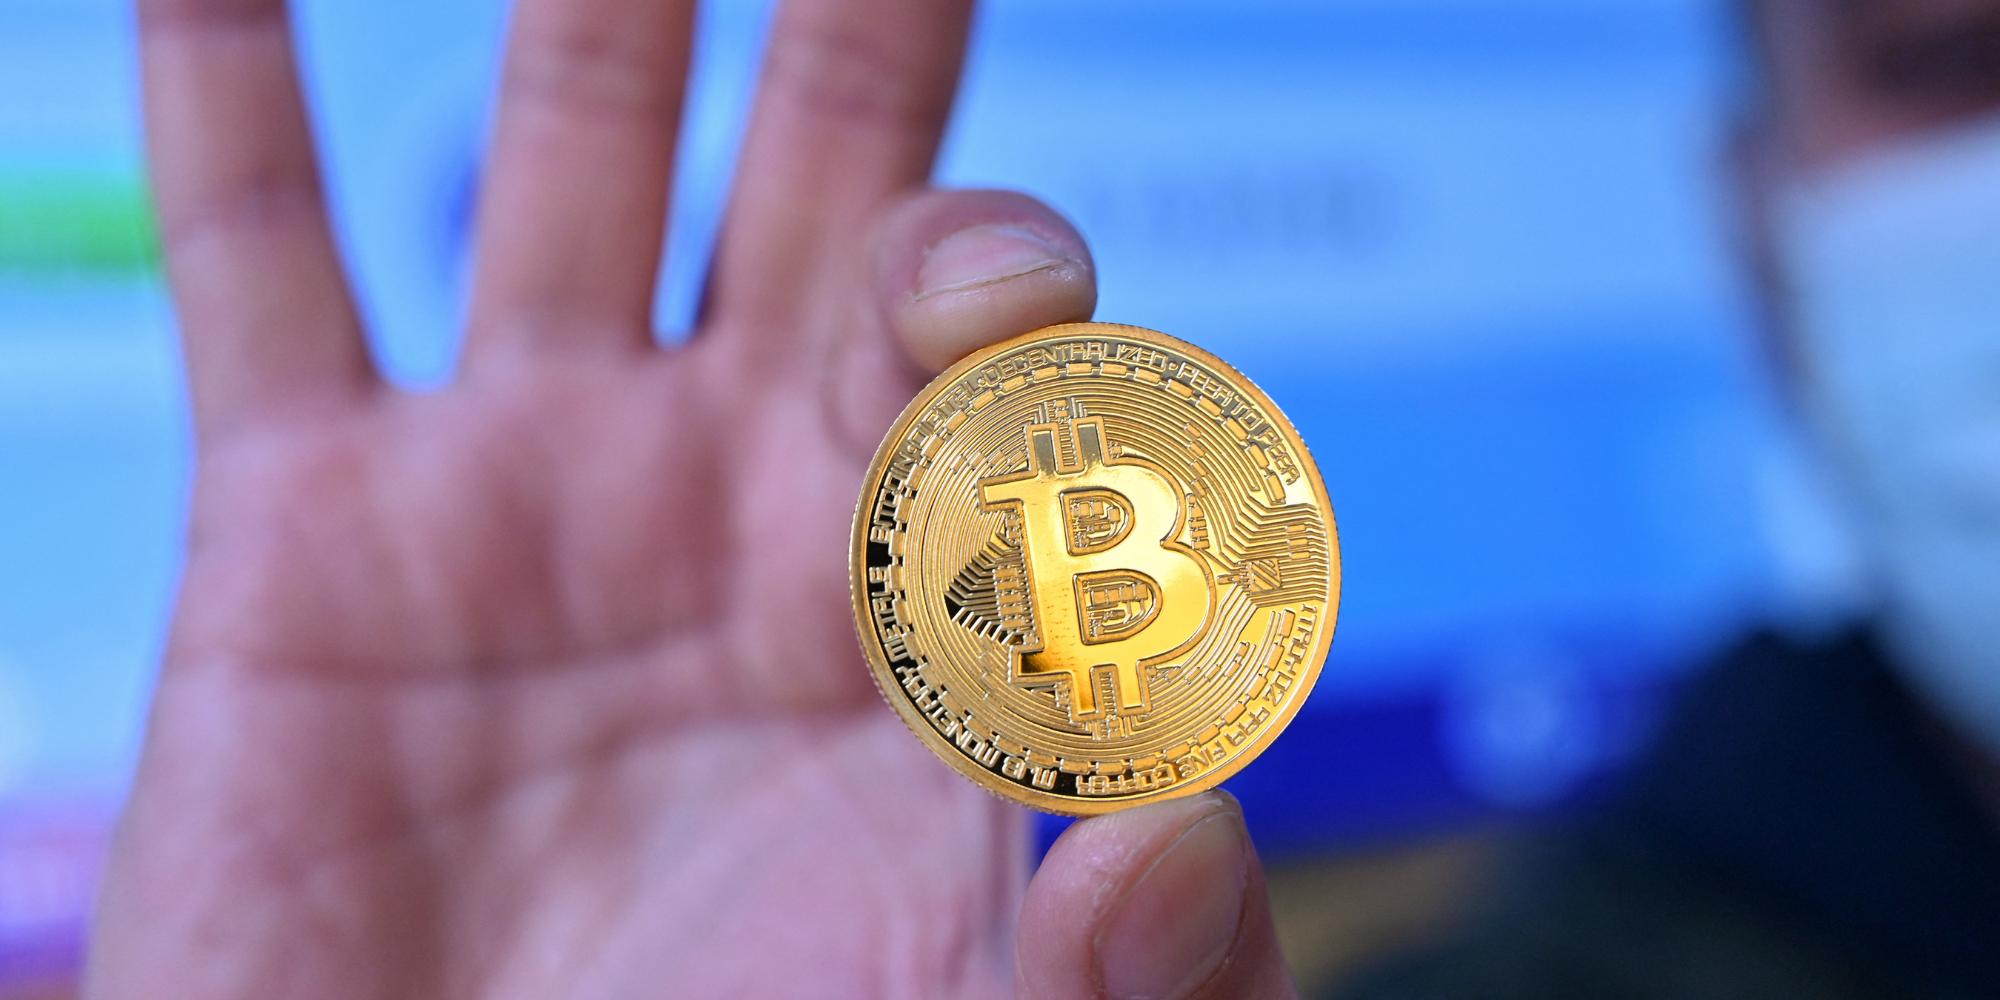 ic rinkos bitcoin pasitraukimas crypto mainai euro